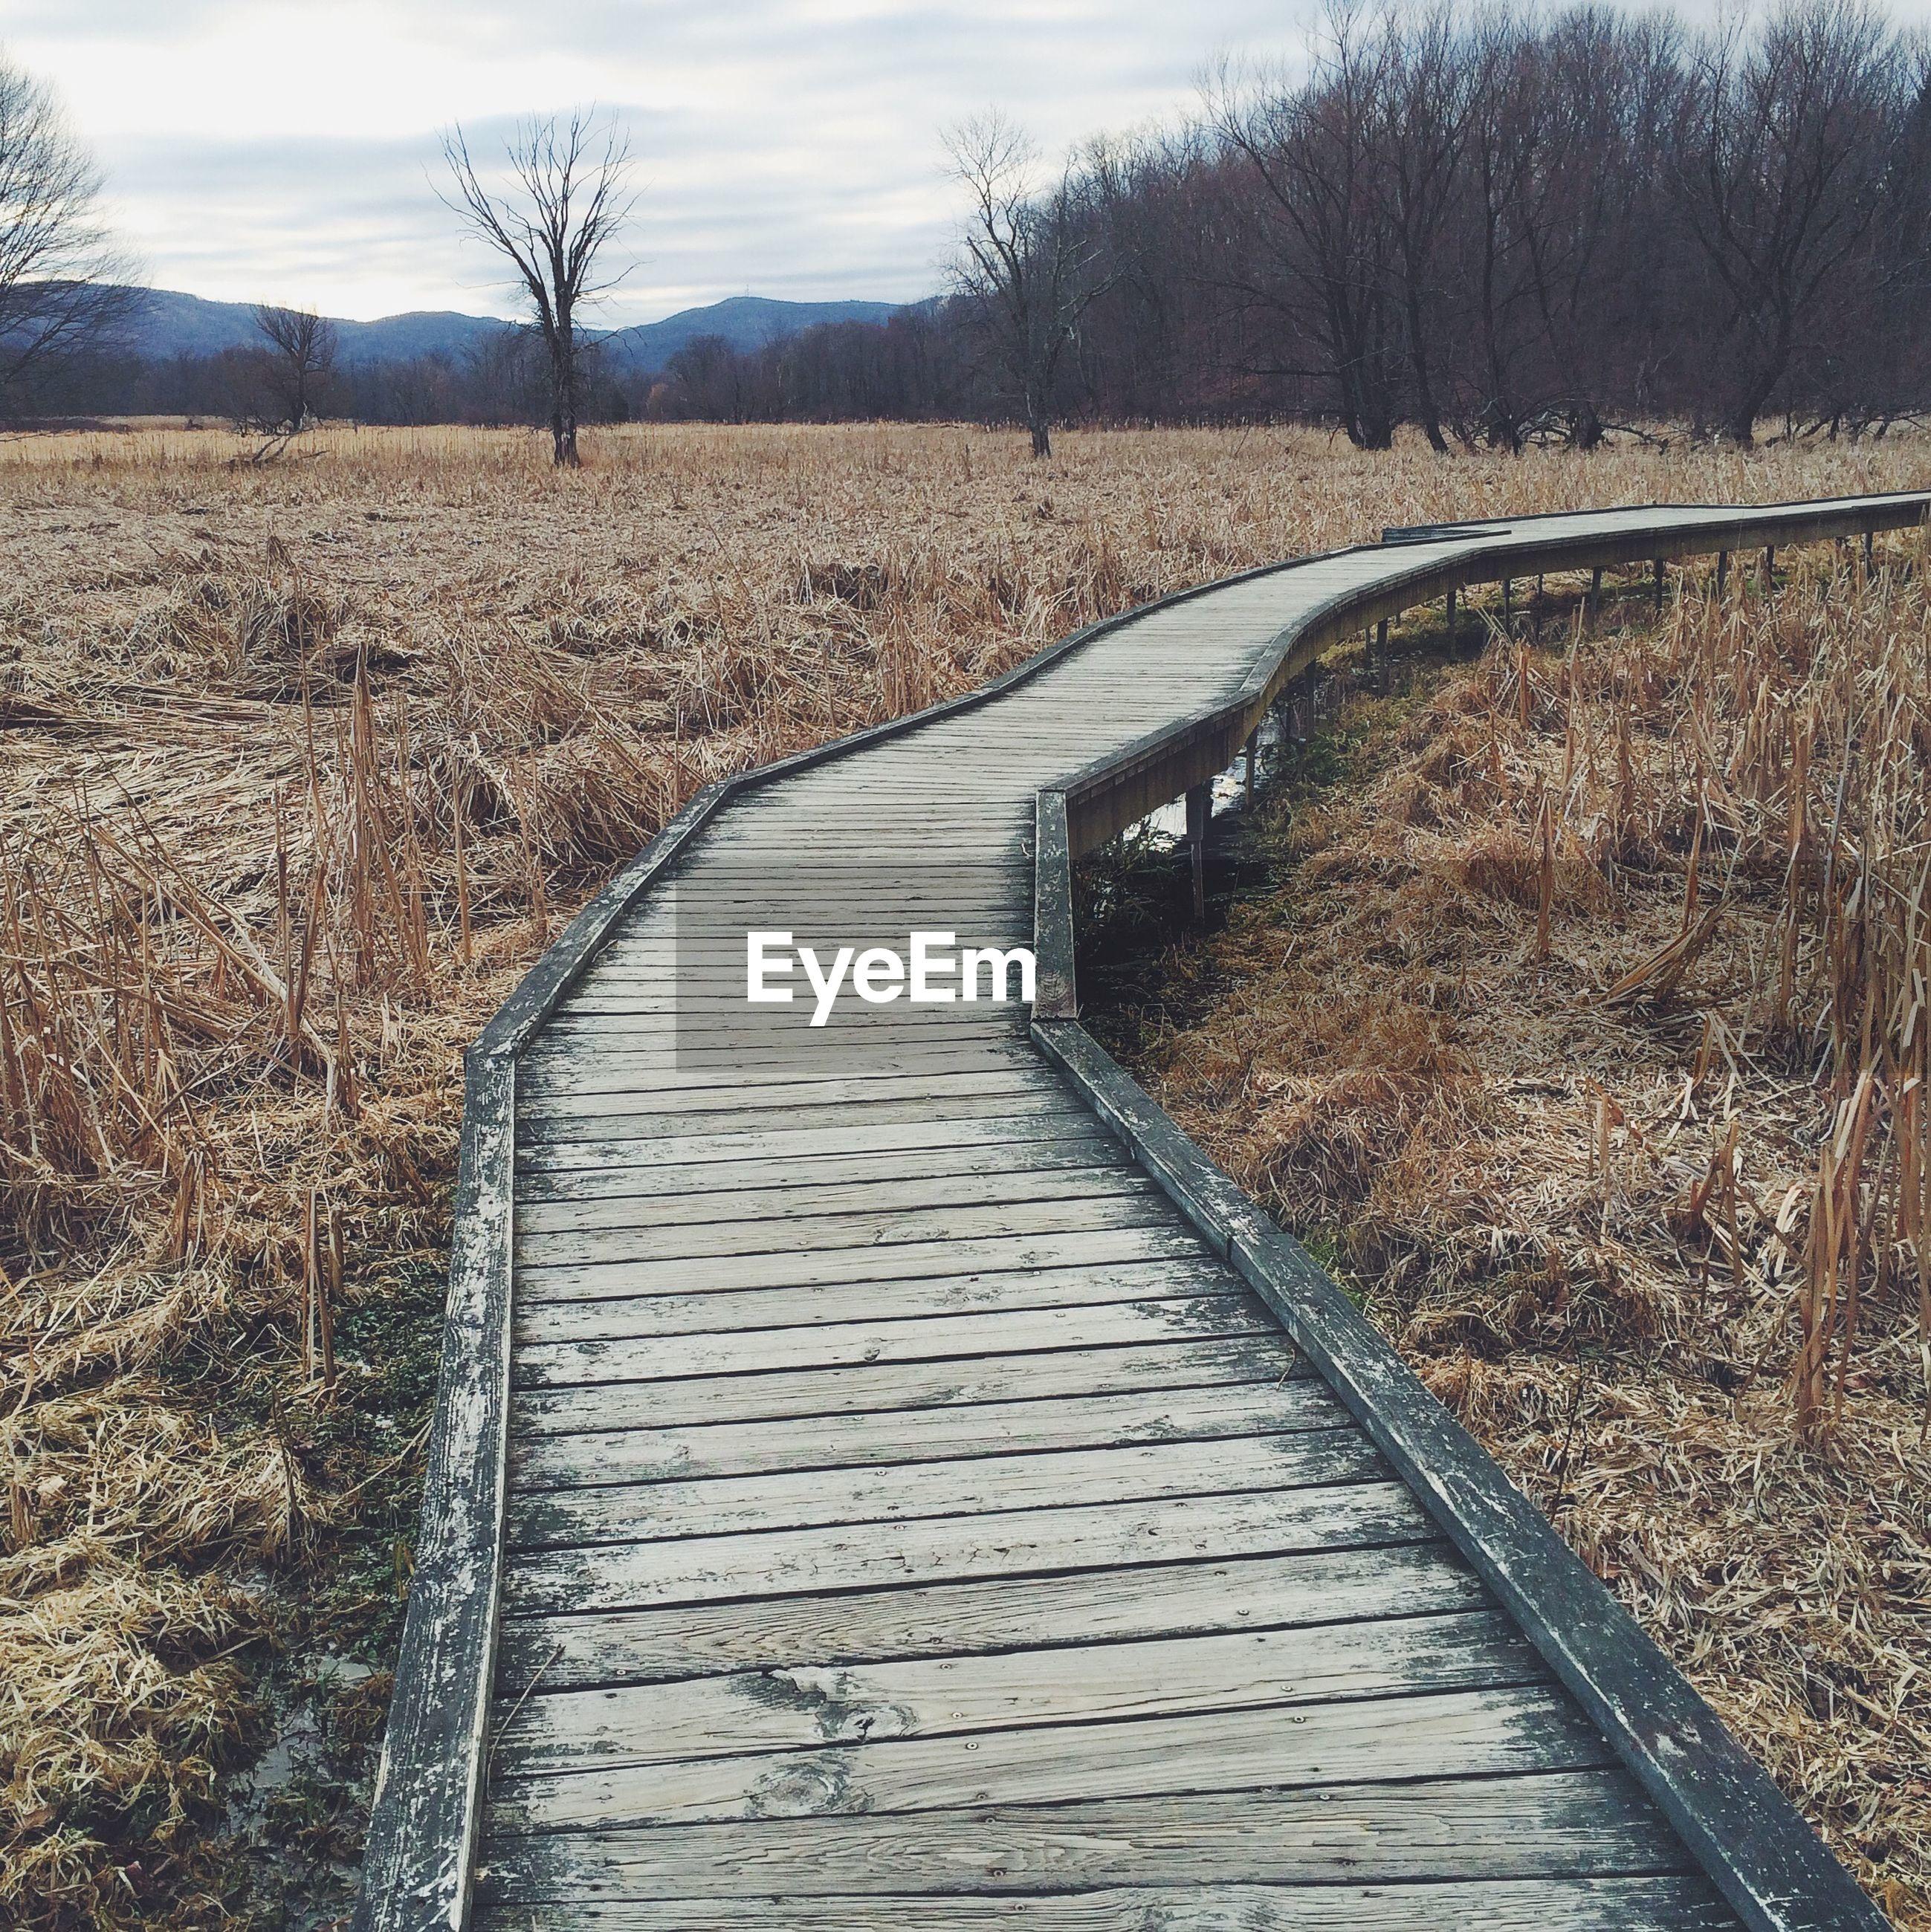 Empty boardwalk amidst field